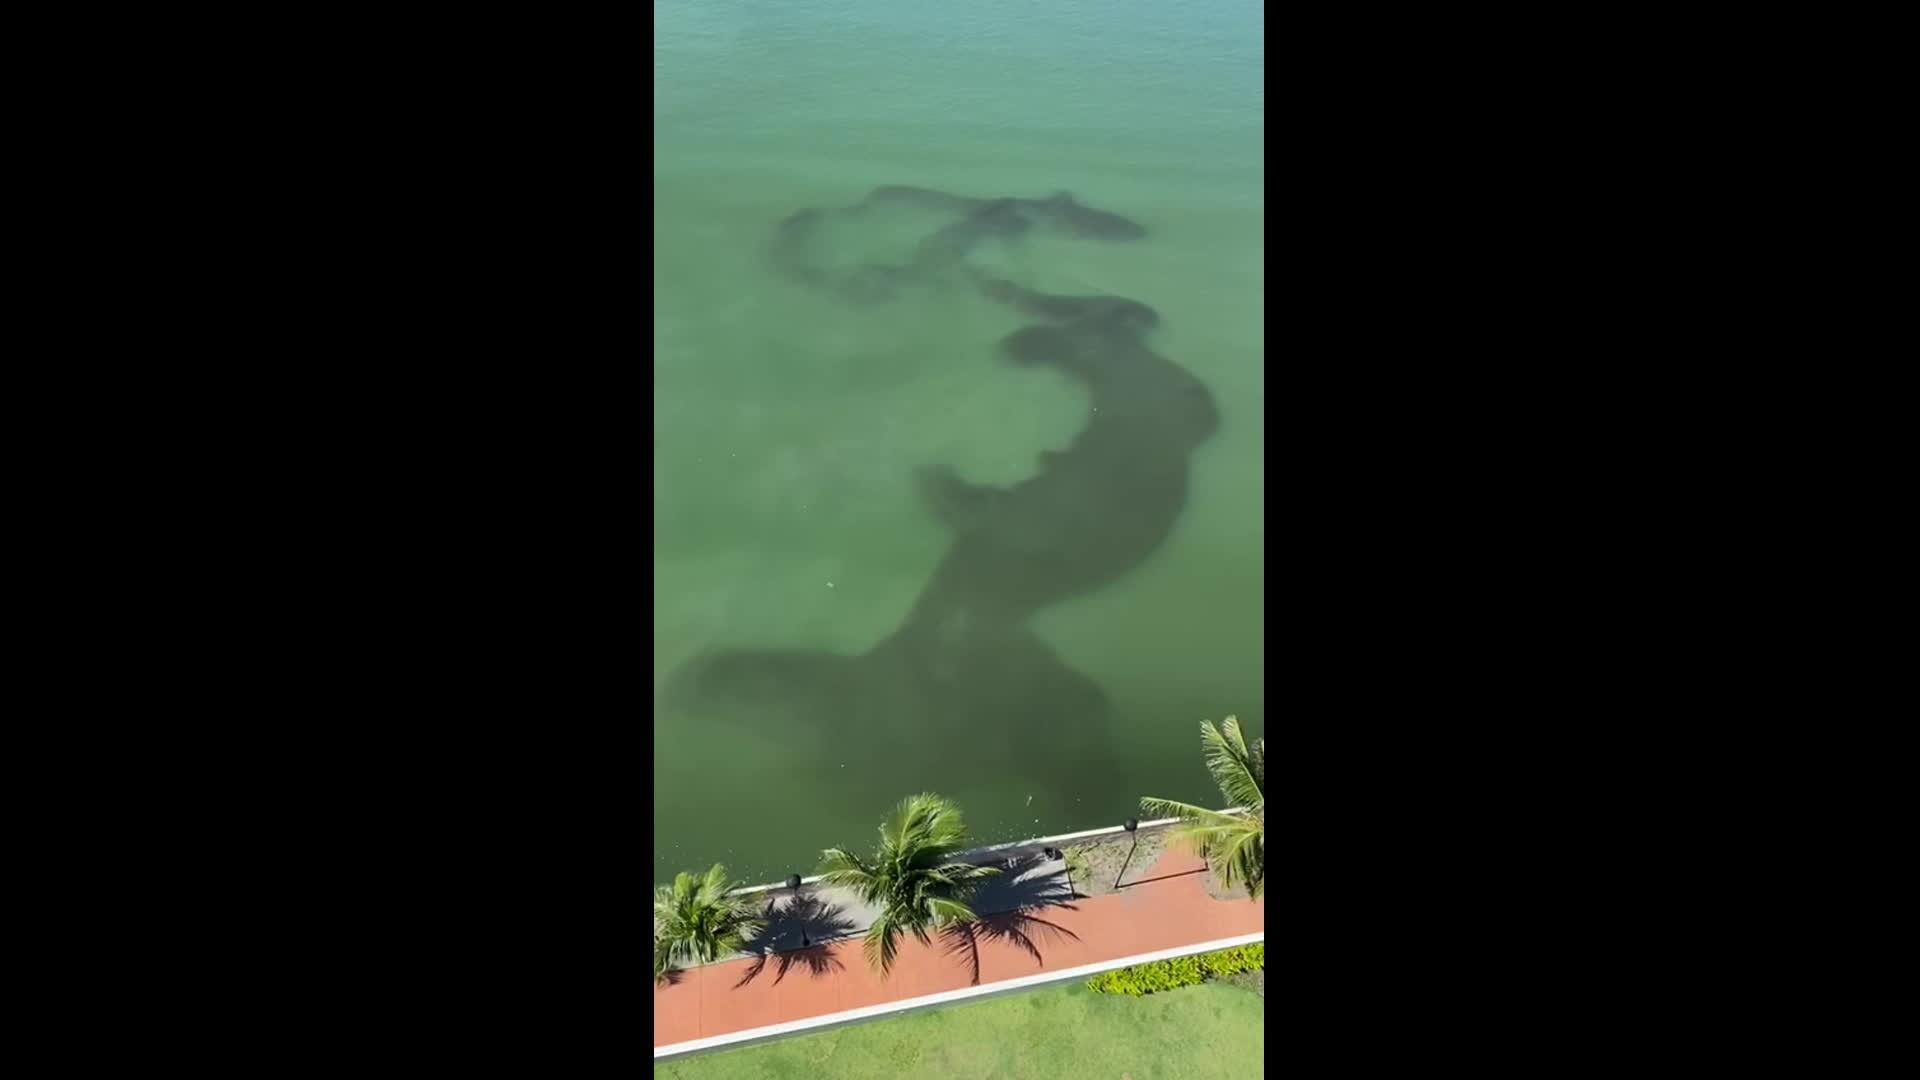 Grande cardume de sardinhas é visto na Bacia do Pina, no Recife; veja vídeo